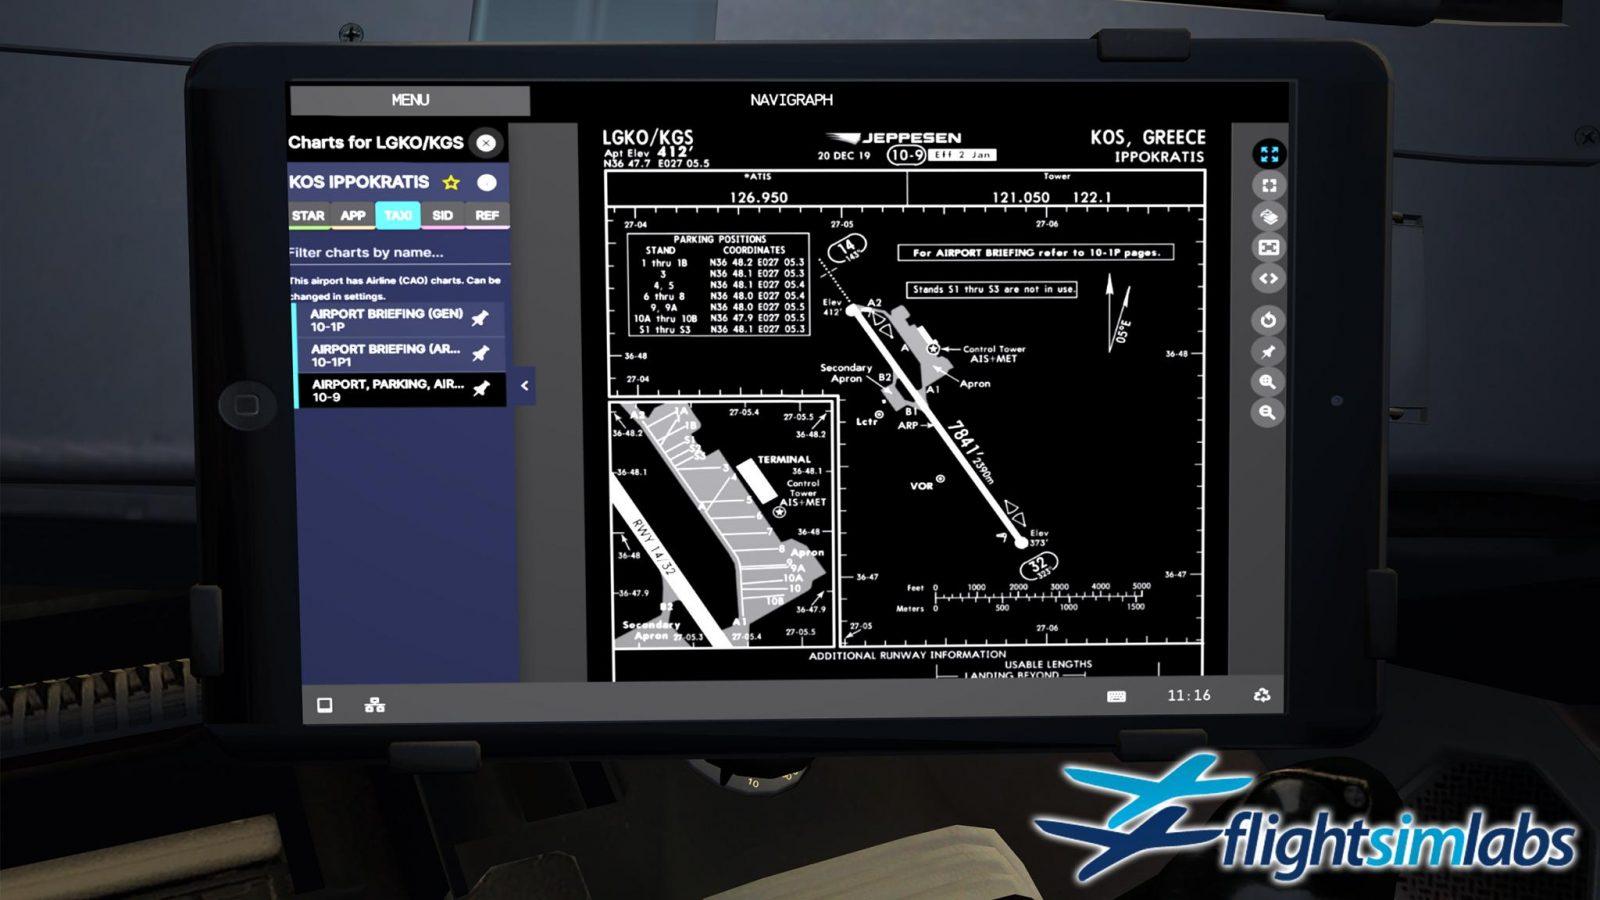 FSL-8.jpg.80b7fd63a311c30707a89be3acf43e